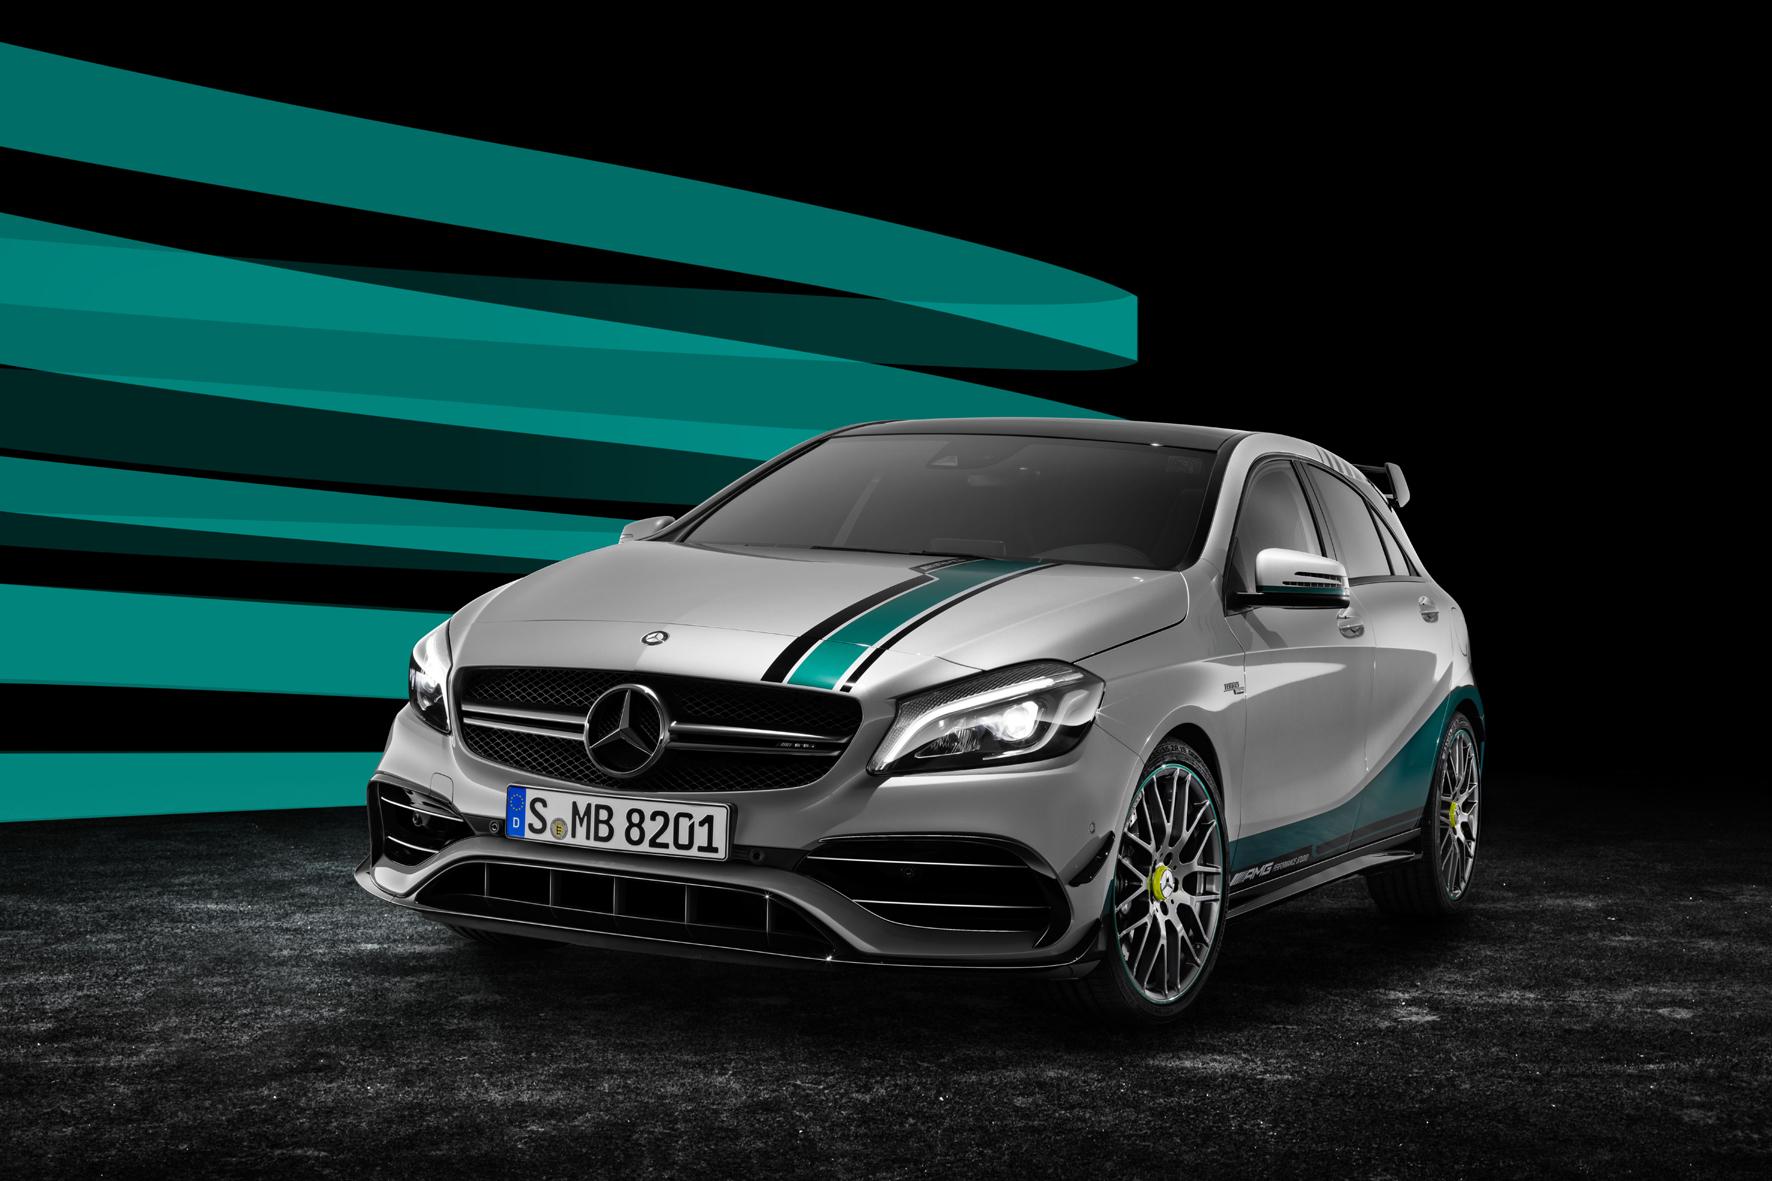 """mid Düsseldorf - Sondermodell anlässlich des Gewinns der Formel-1-WM: der Mercedes-AMG A45 in der """"Mercedes AMG Petronas 2015 World Champion Edition""""."""